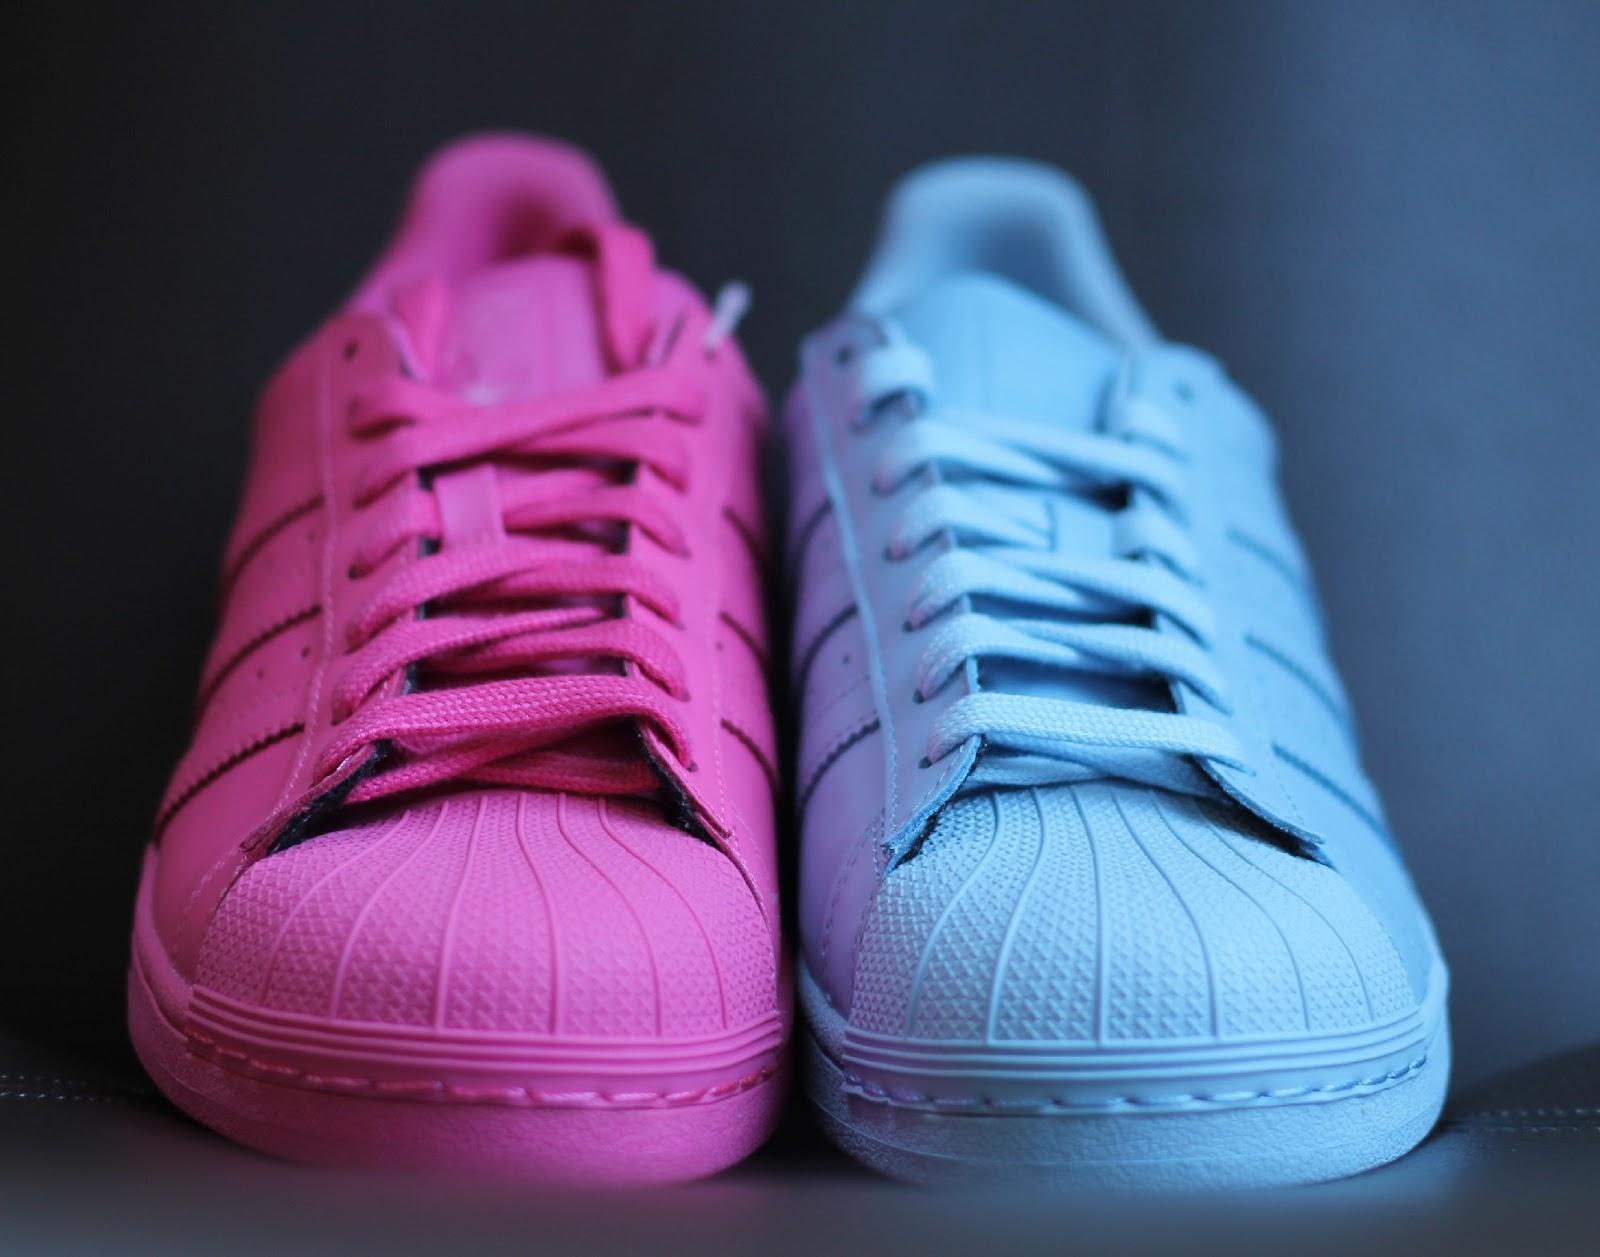 premium selection 54f99 21e2f adidas superstar bunte farben